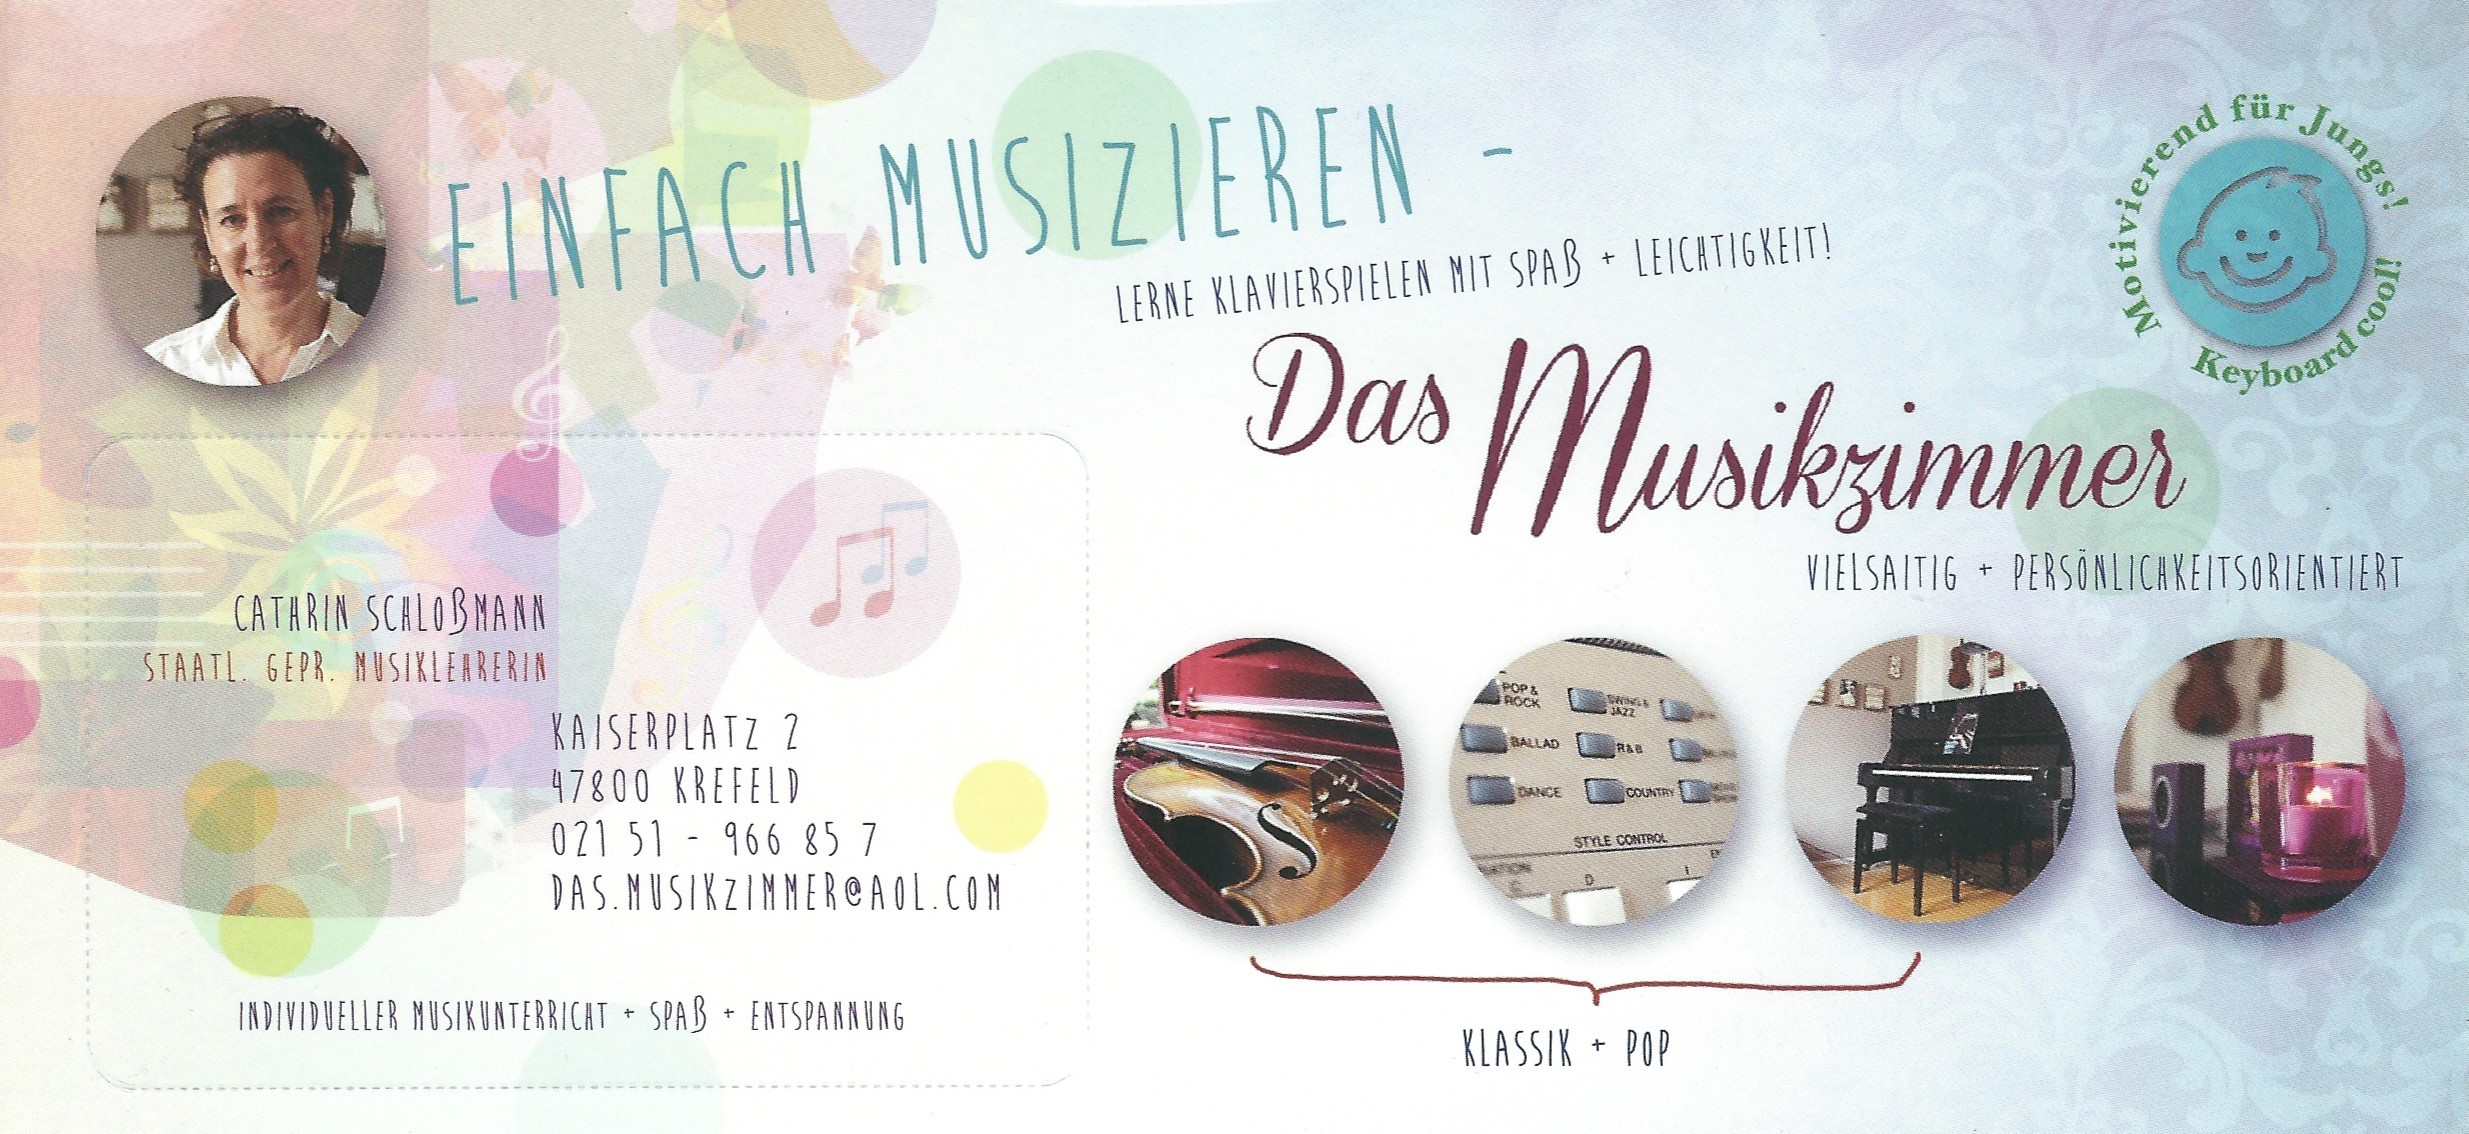 Kontaktdaten Cathrin Schlossmann